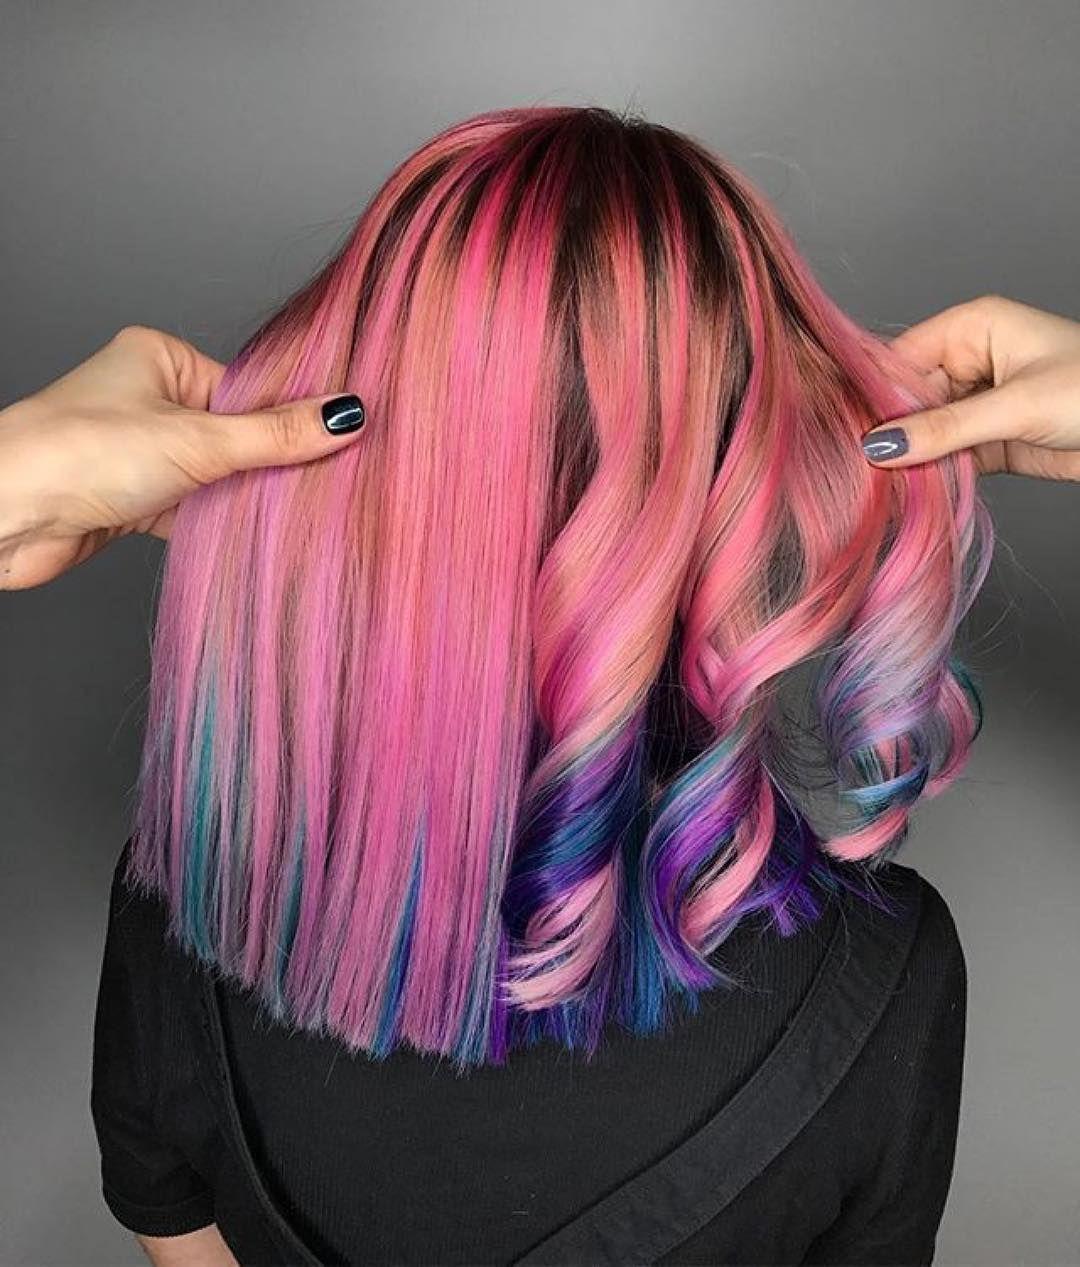 как красиво покрасить волосы фото юных